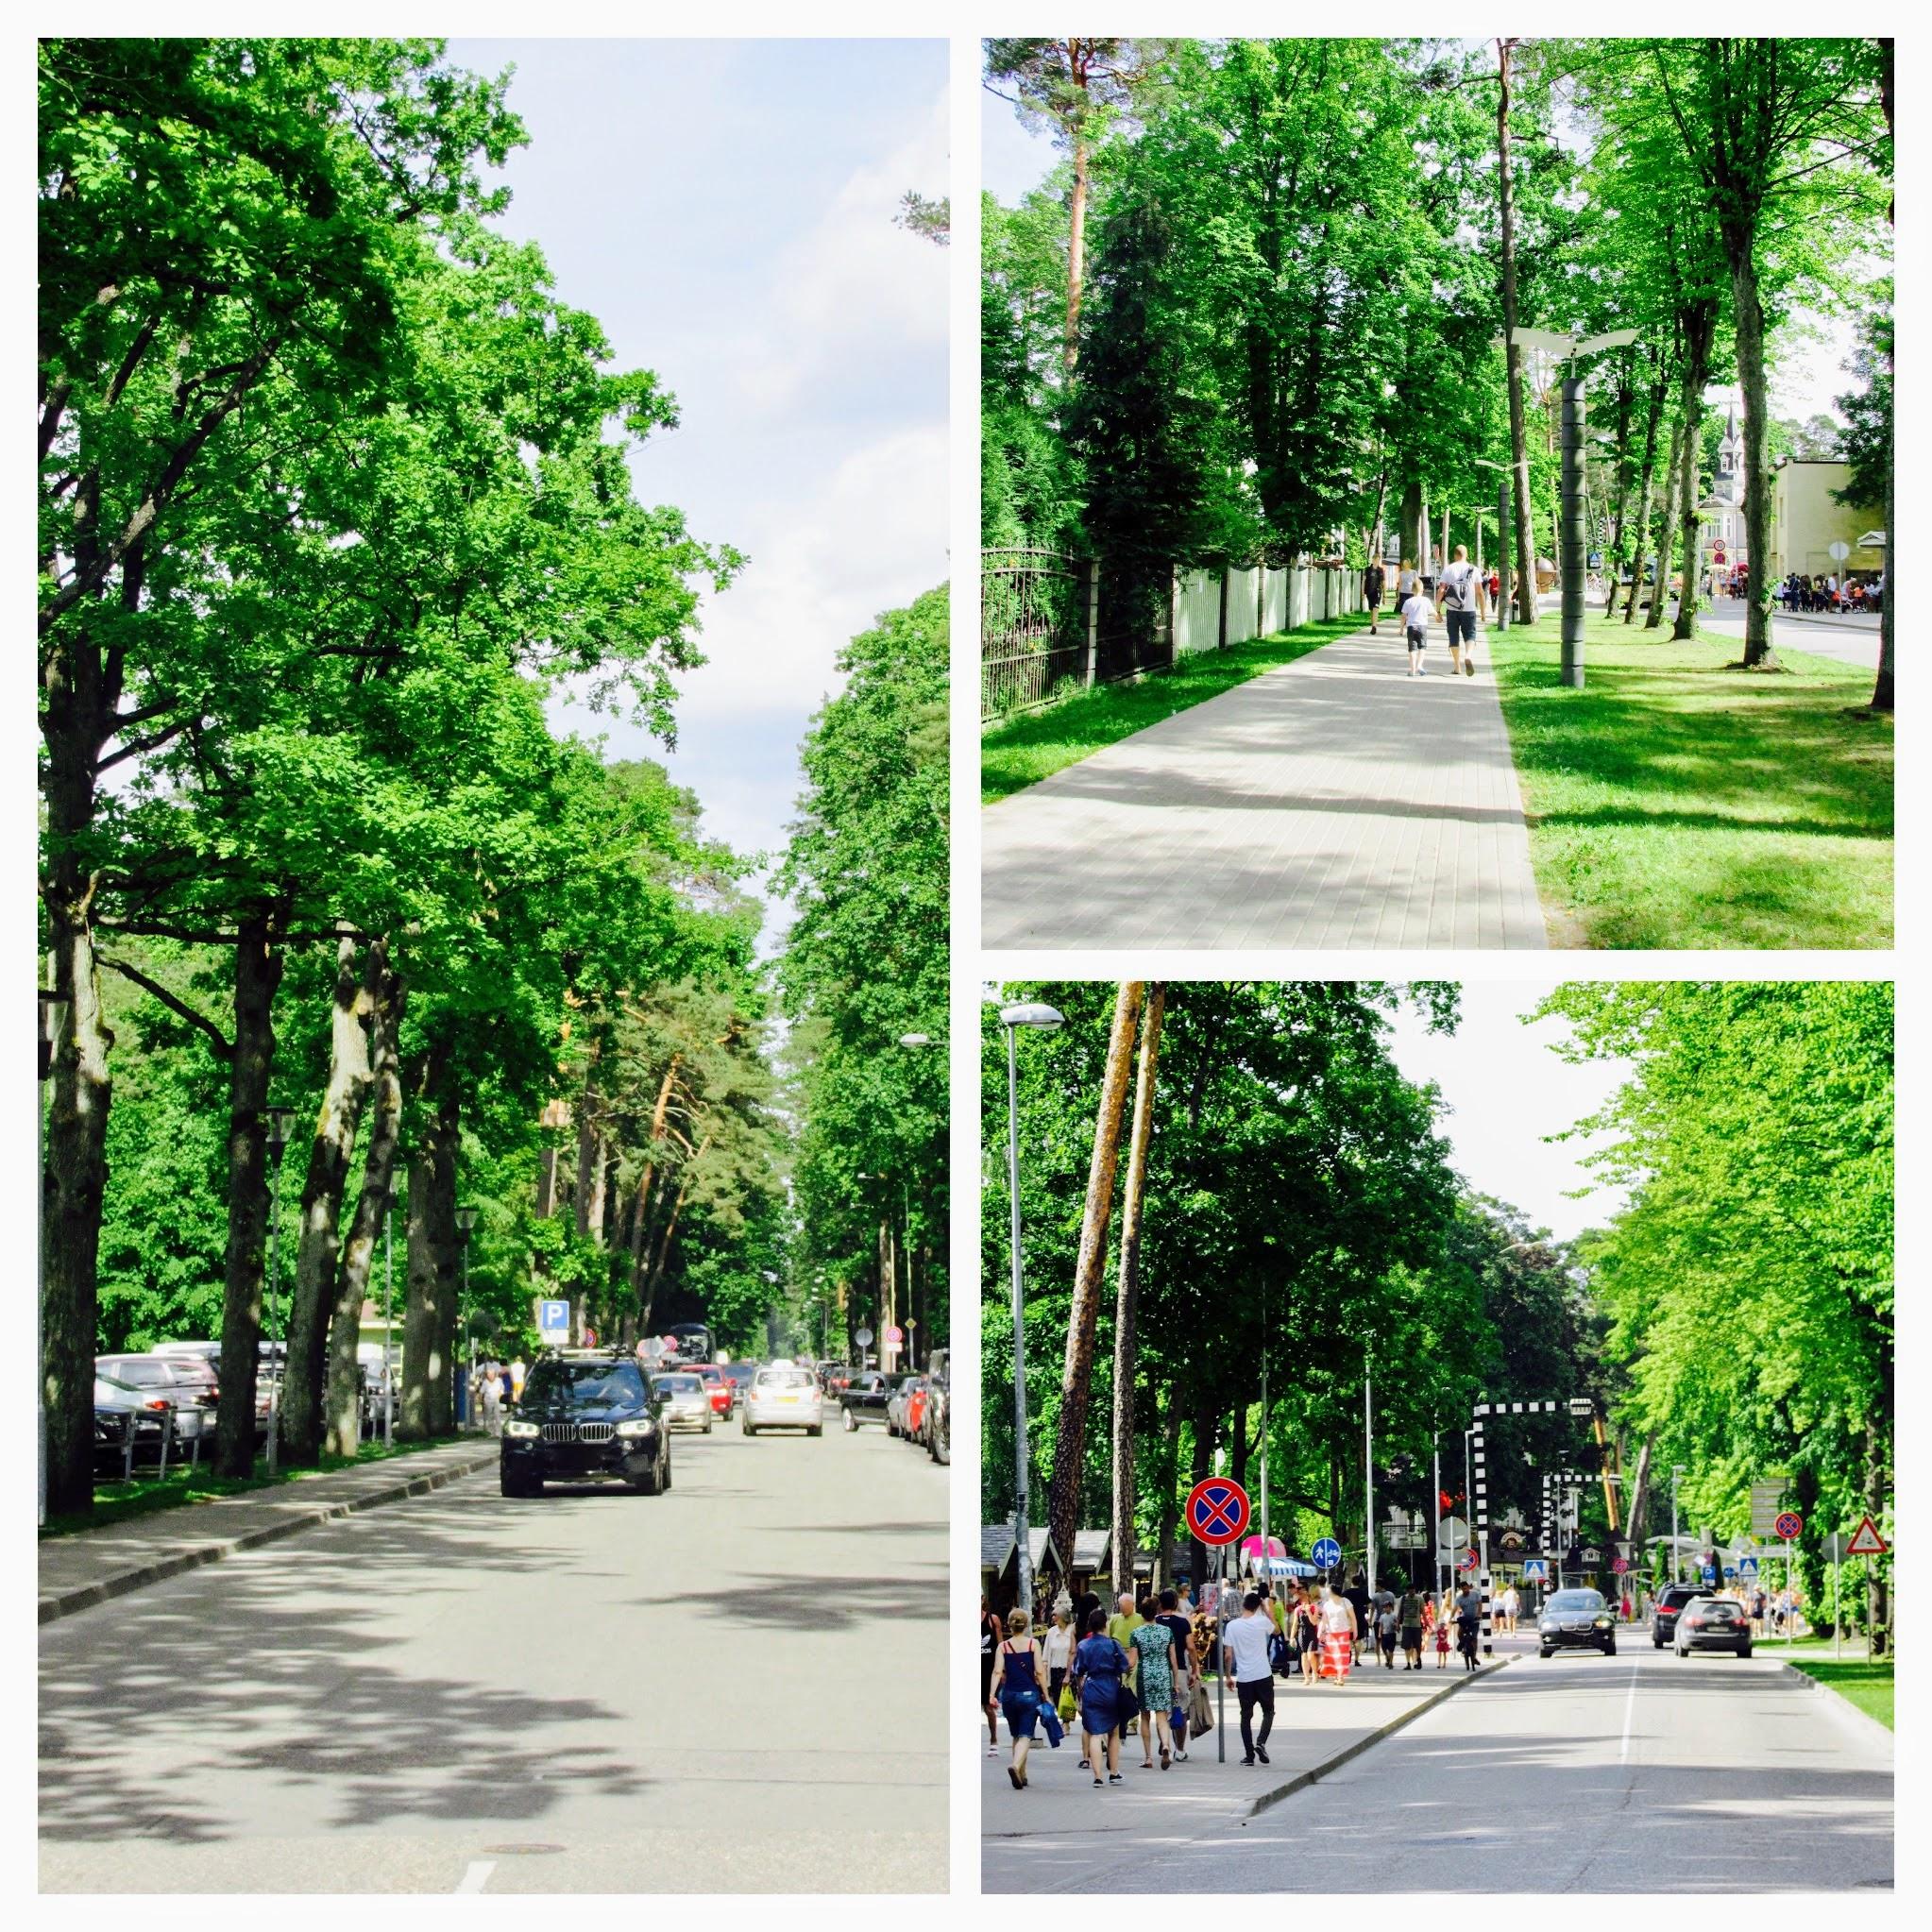 Summer in its splendor, Jurmala - Urban Treetops